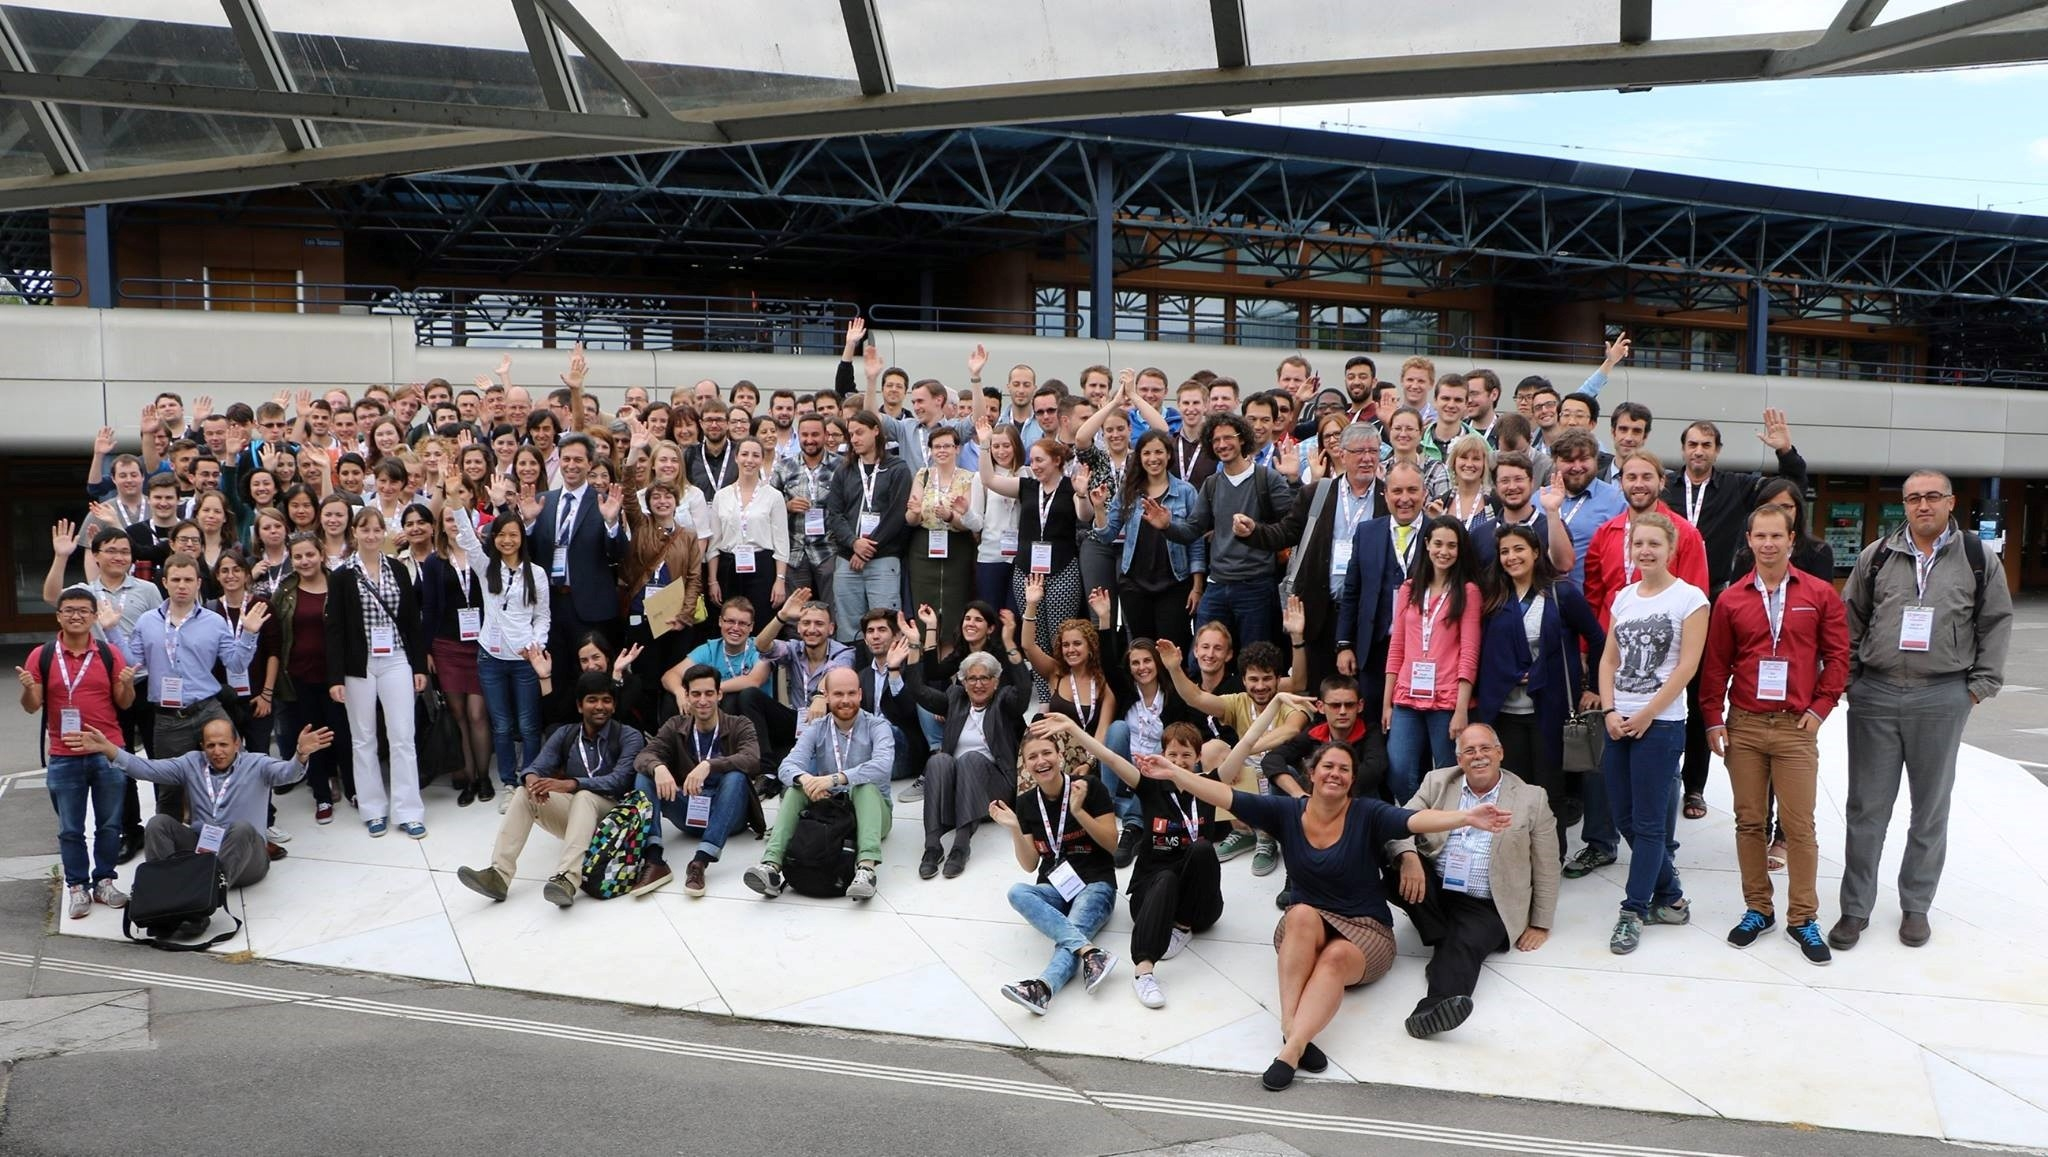 JE16 delegates